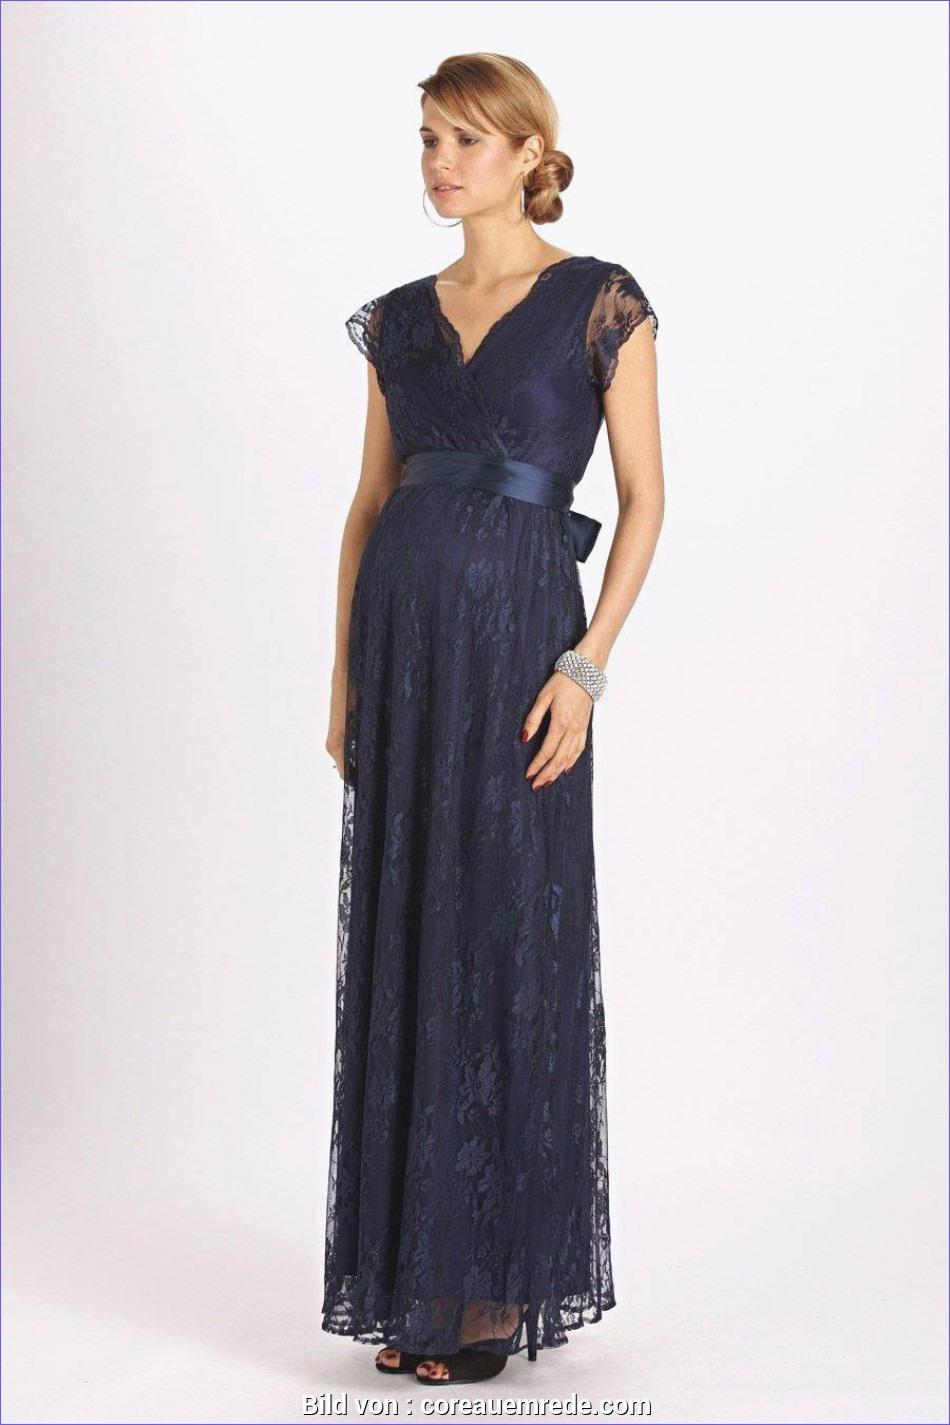 15 Top Umstandsmode Abendkleid für 201913 Elegant Umstandsmode Abendkleid Boutique